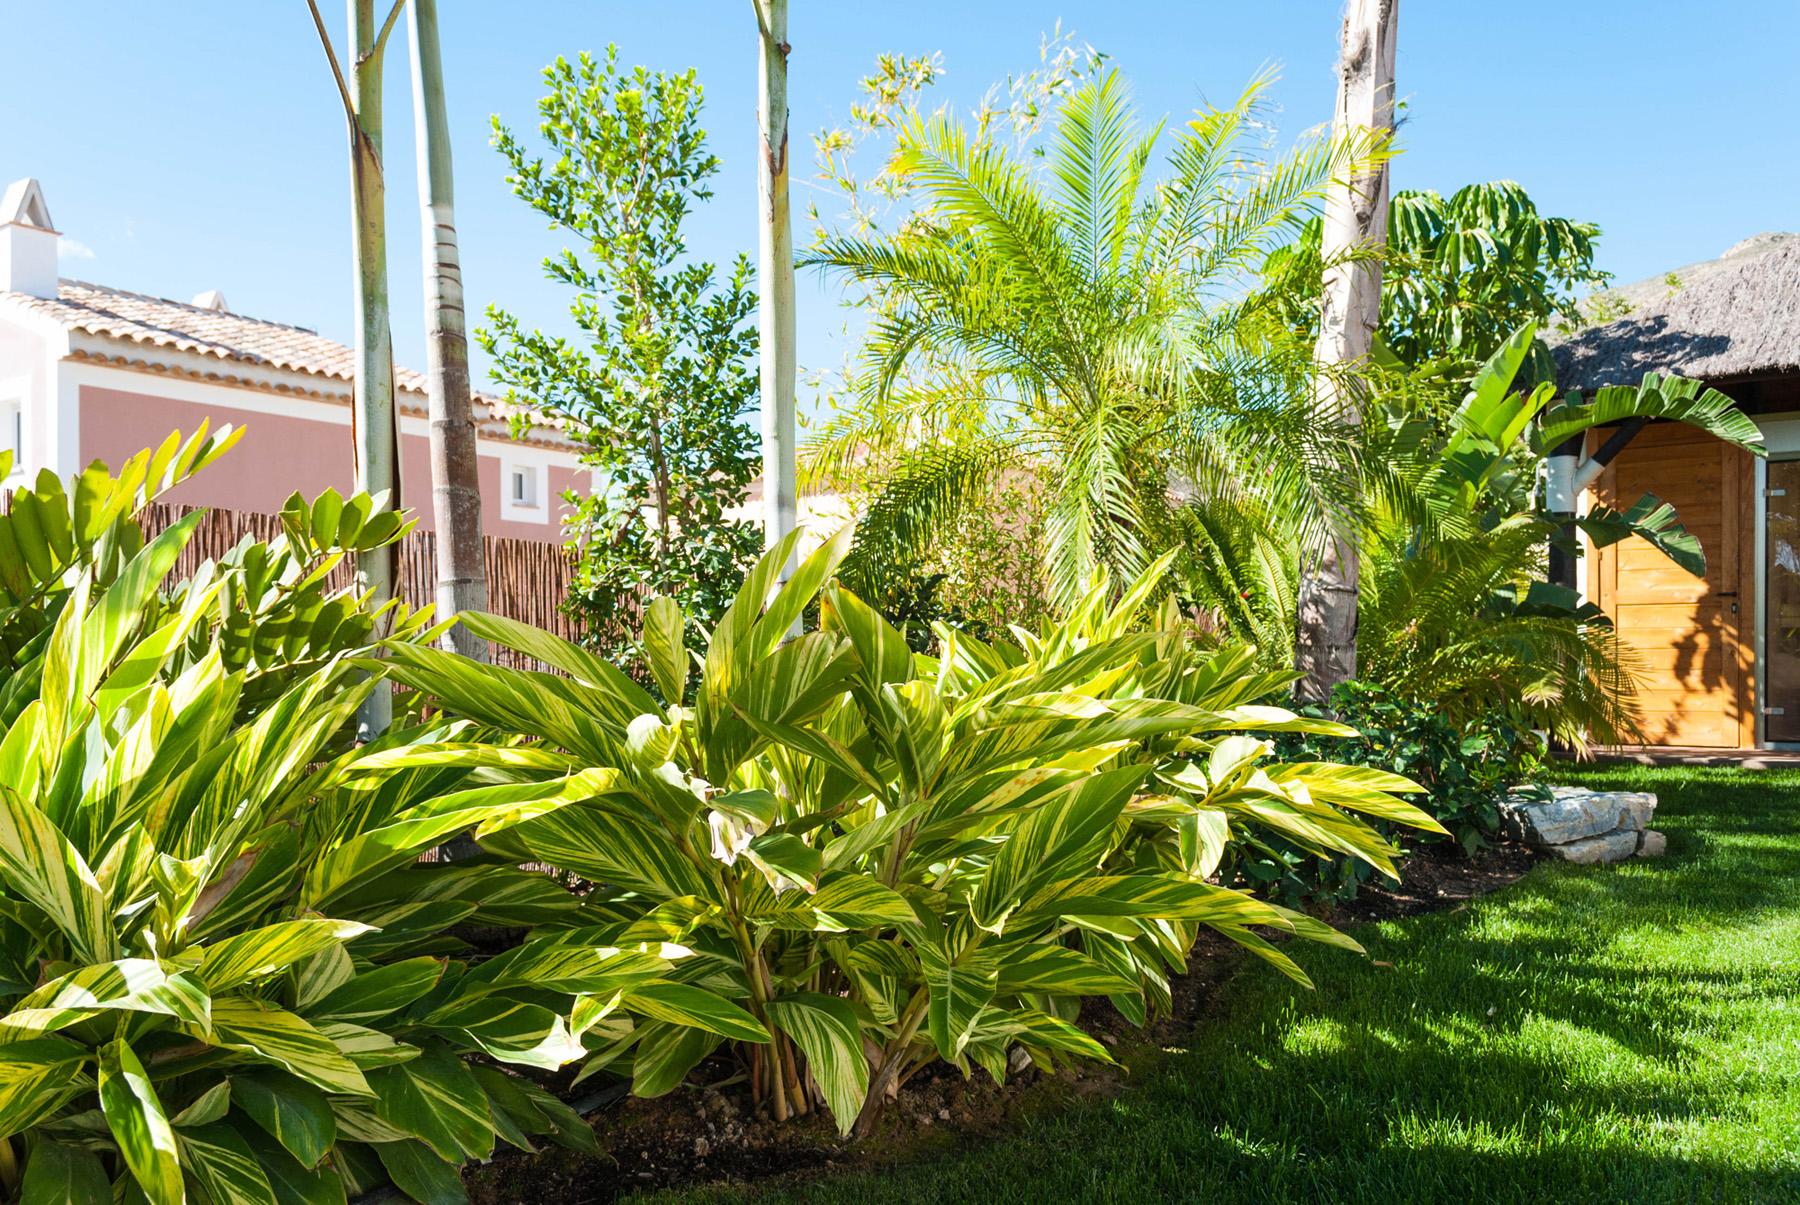 Dise o de jard n tropical villa de lujo en benidorm david jim nez arquitectura y - Diseno jardines madrid ...